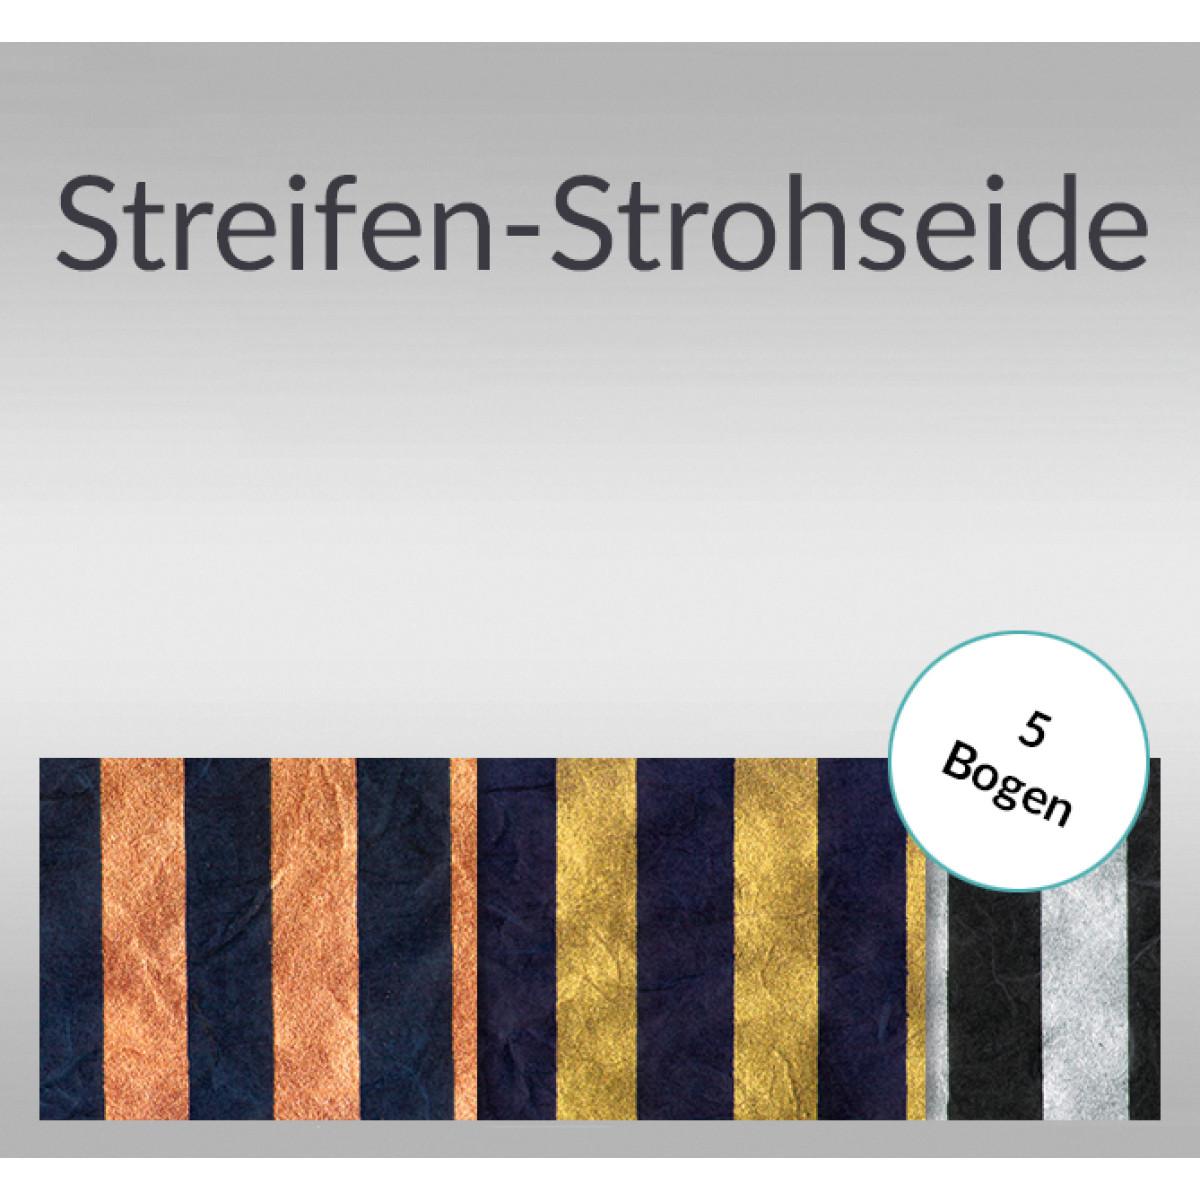 Streifen-Strohseide 30 g/qm 50 x 70 cm - 5 Bogen